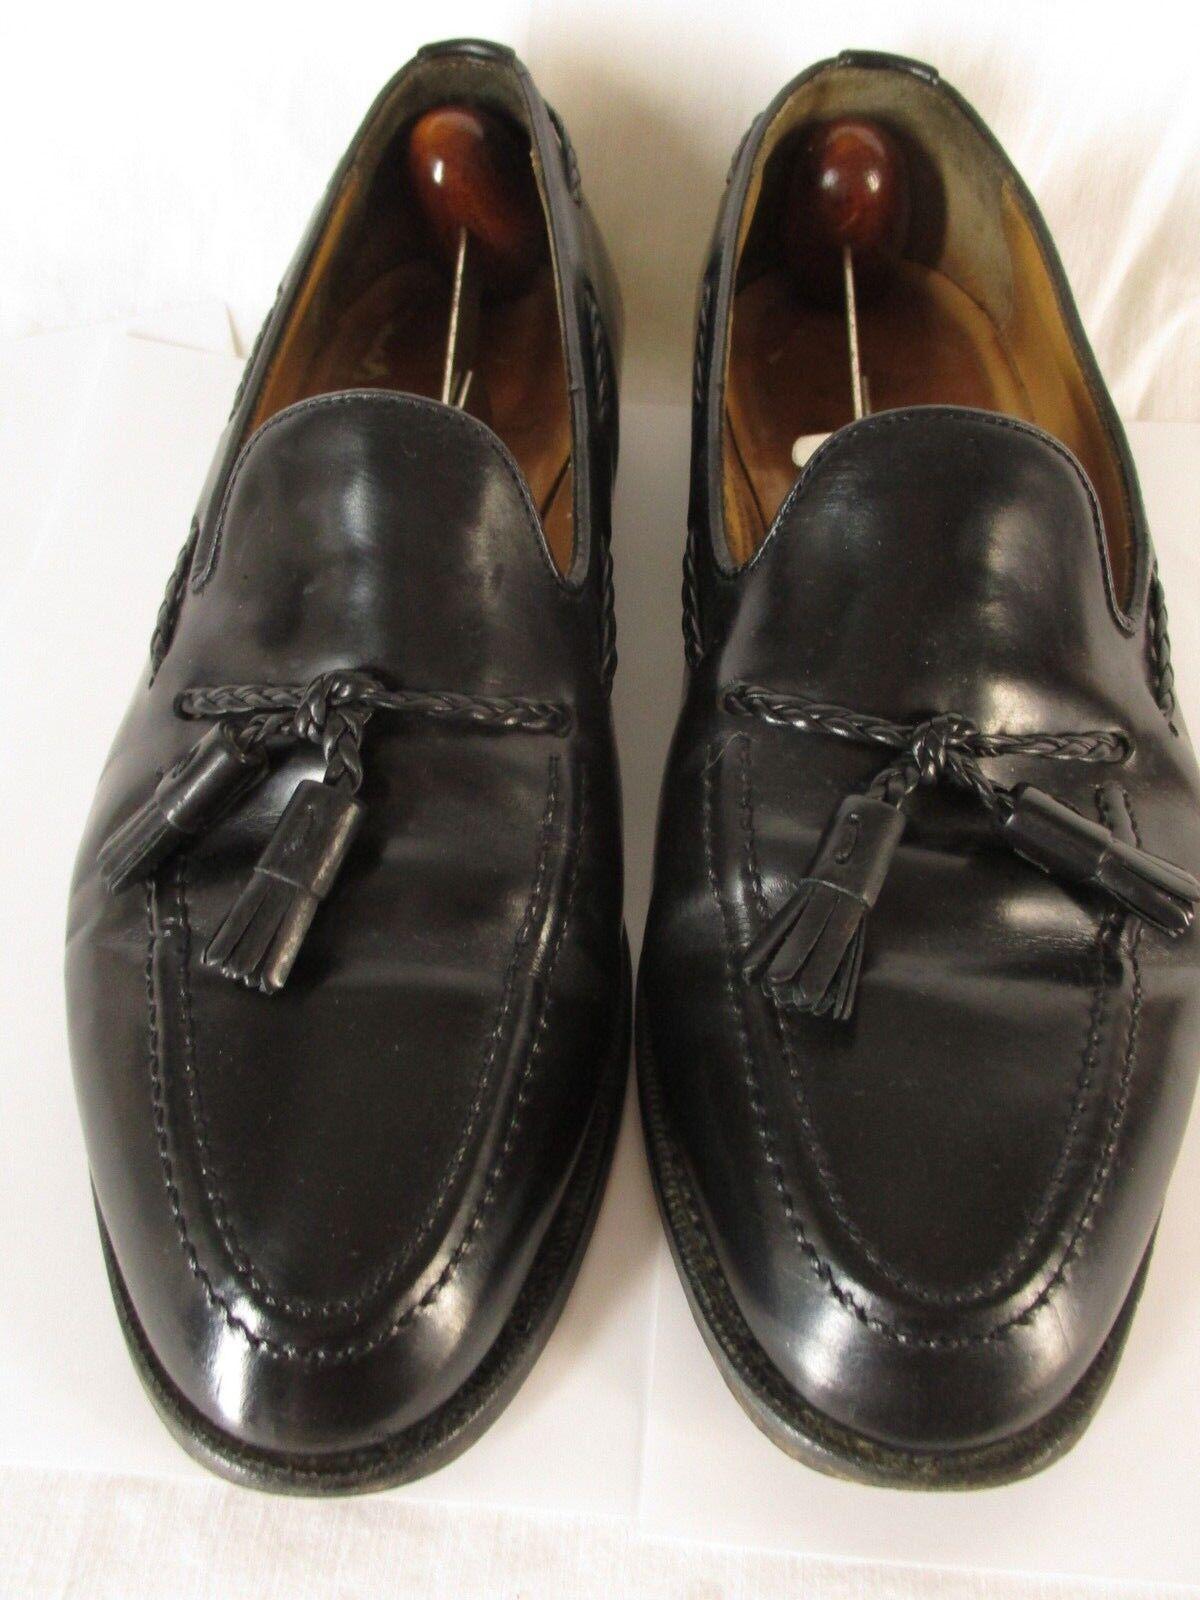 scelta migliore Alfred Sargent Adams Adams Adams Uomo nero Tassel Loafers 9.5E UK  10E US England Made  risparmia fino al 70% di sconto